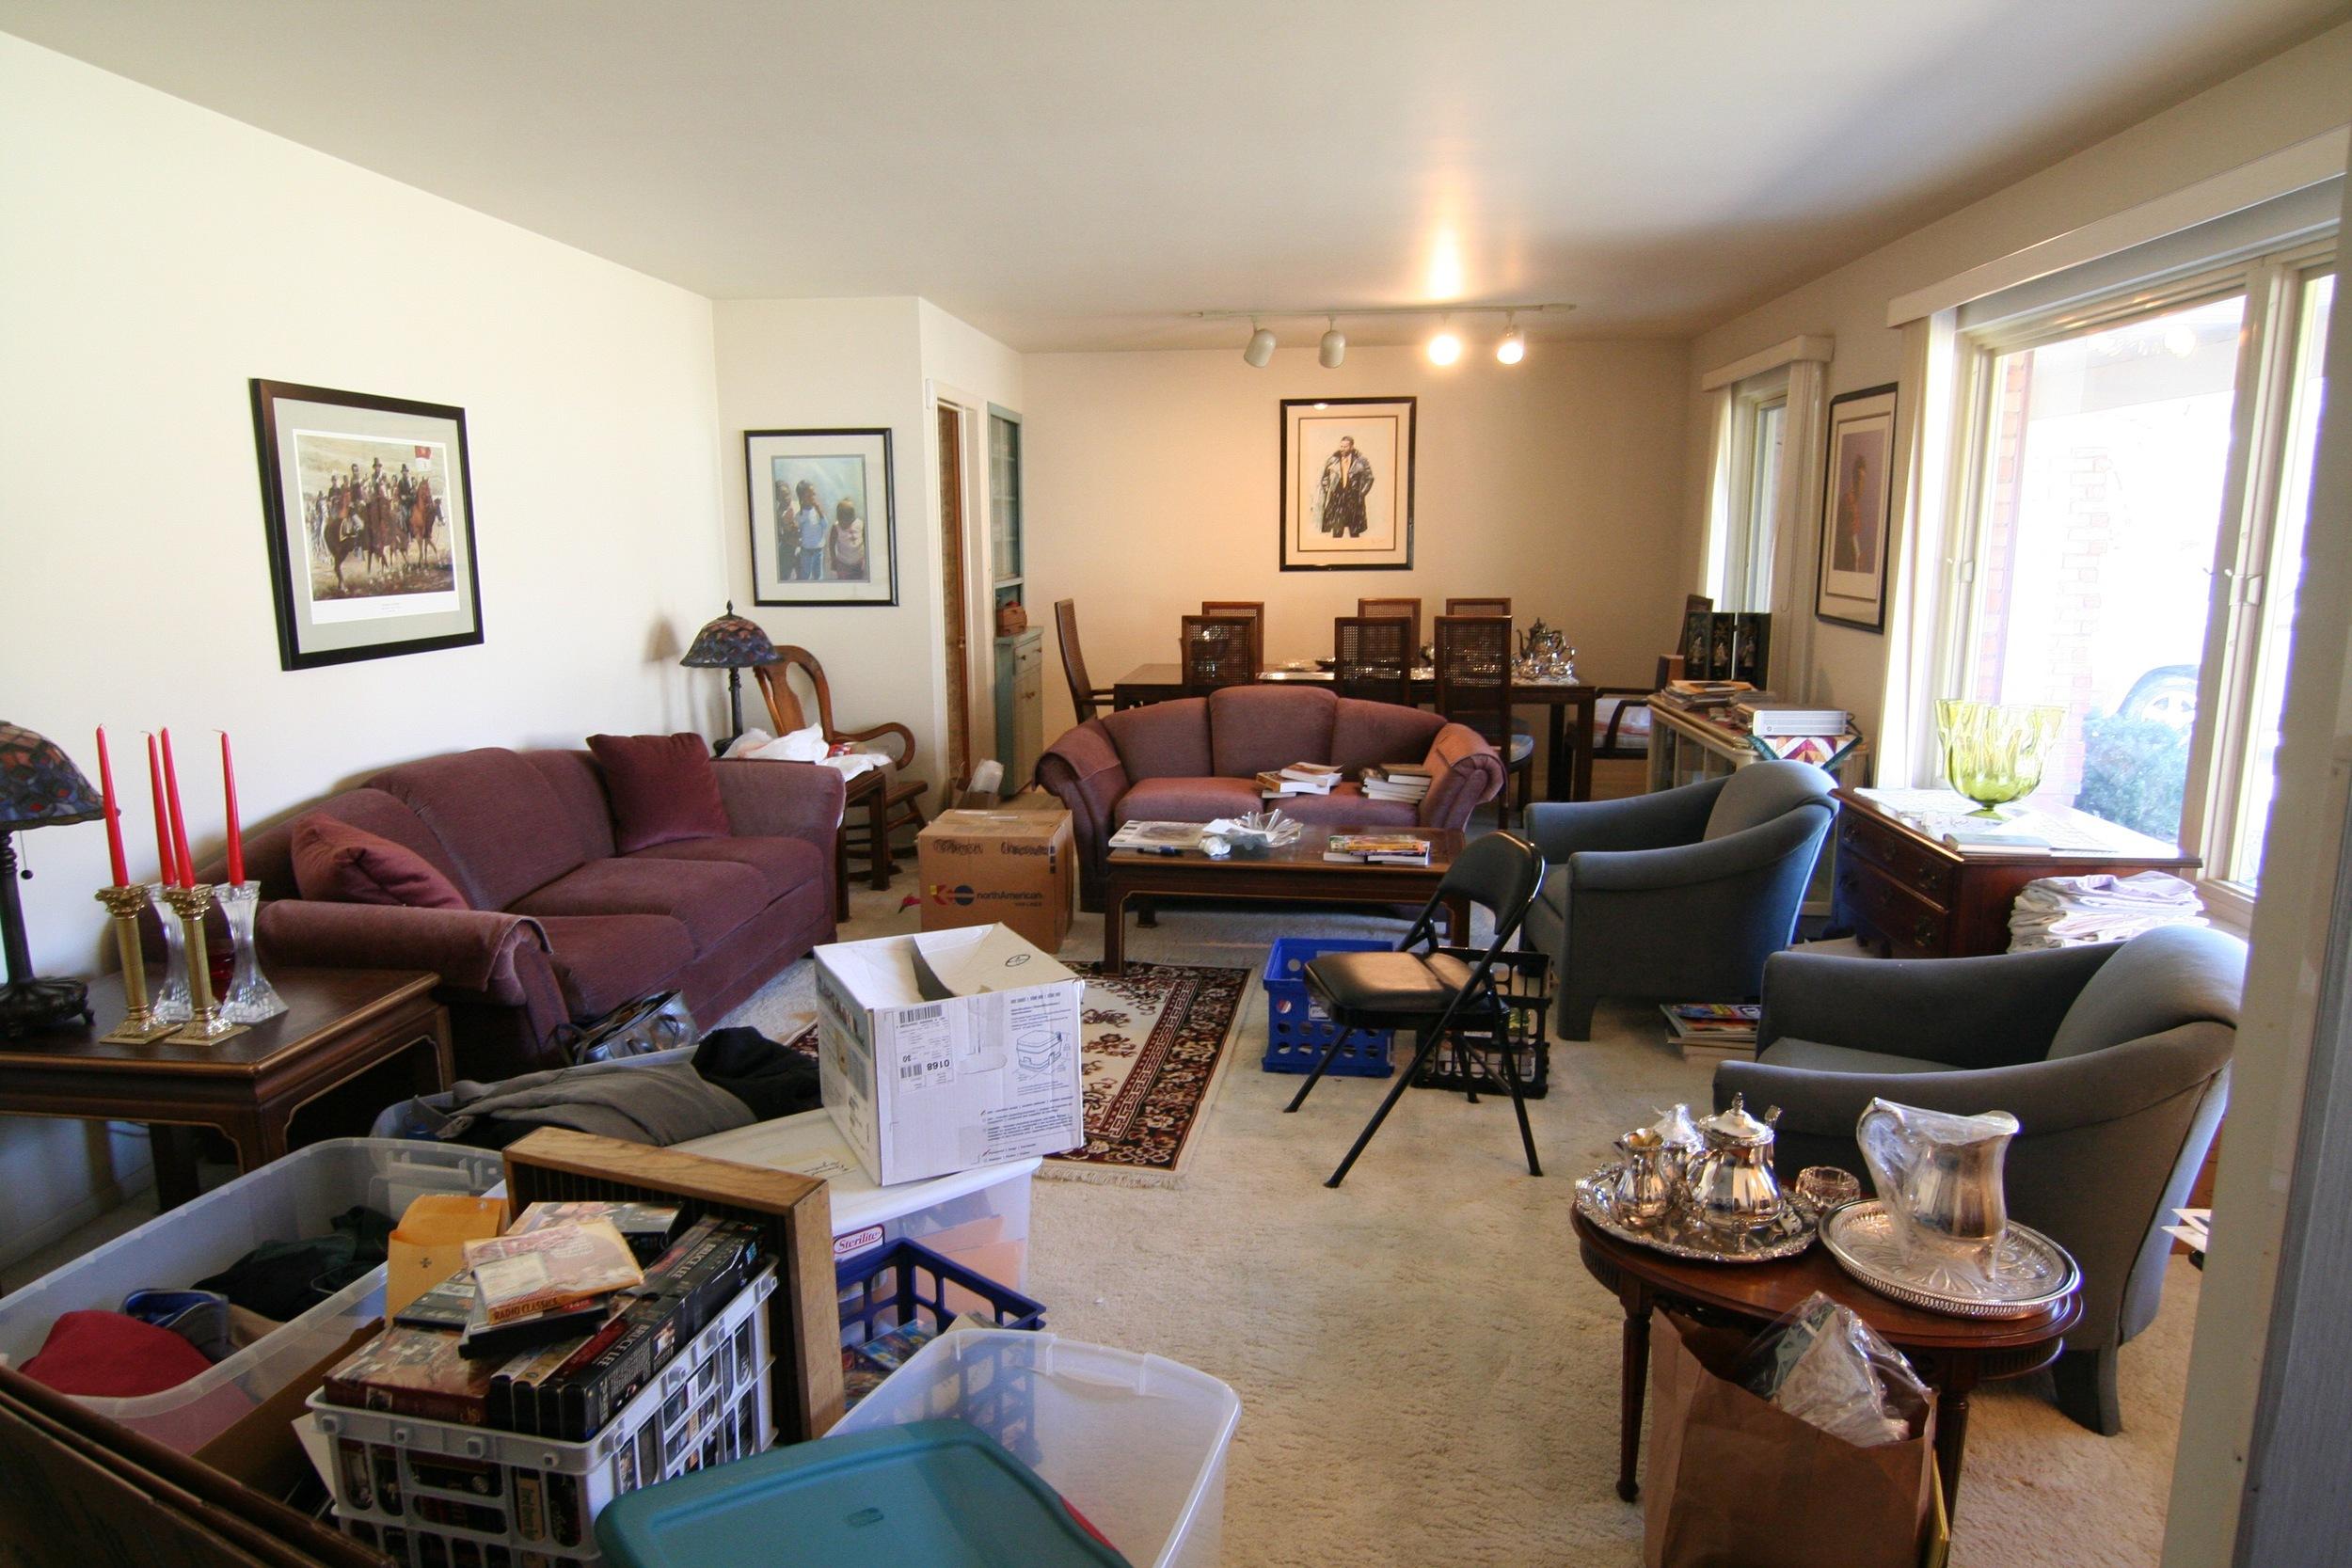 LIVING ROOM BEFORE IMG_0053.JPG